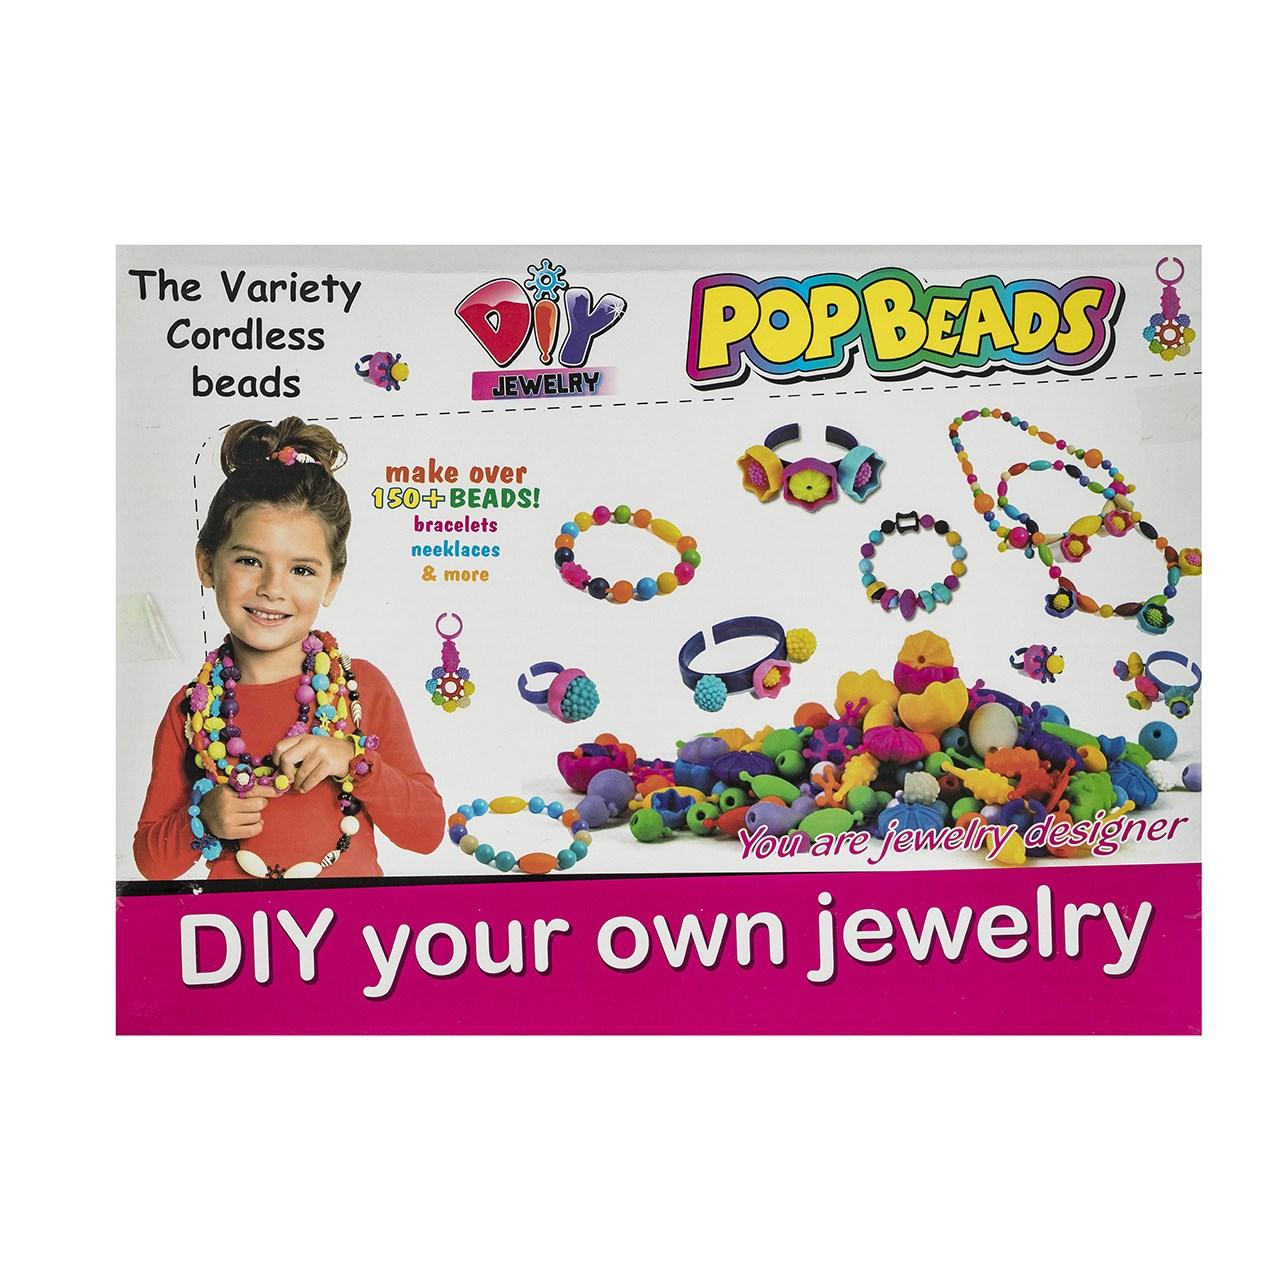 ست اسباب بازی جواهر سازی ۱۵۰ تکه مدل Pop Beads